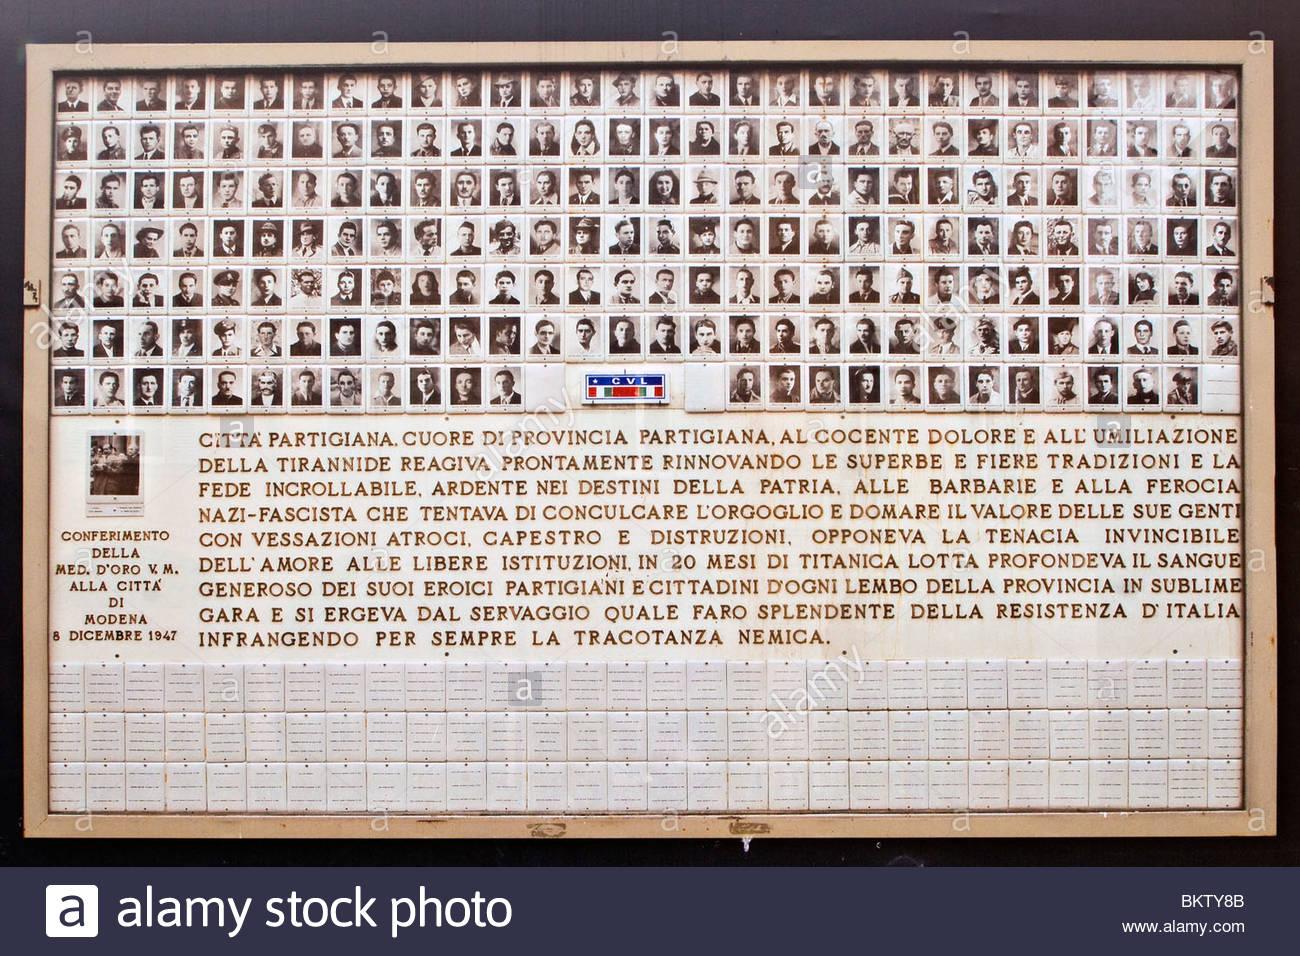 memorial to war dead,corpo volontari della libertà,modena,emilia romagna,italy - Stock Image